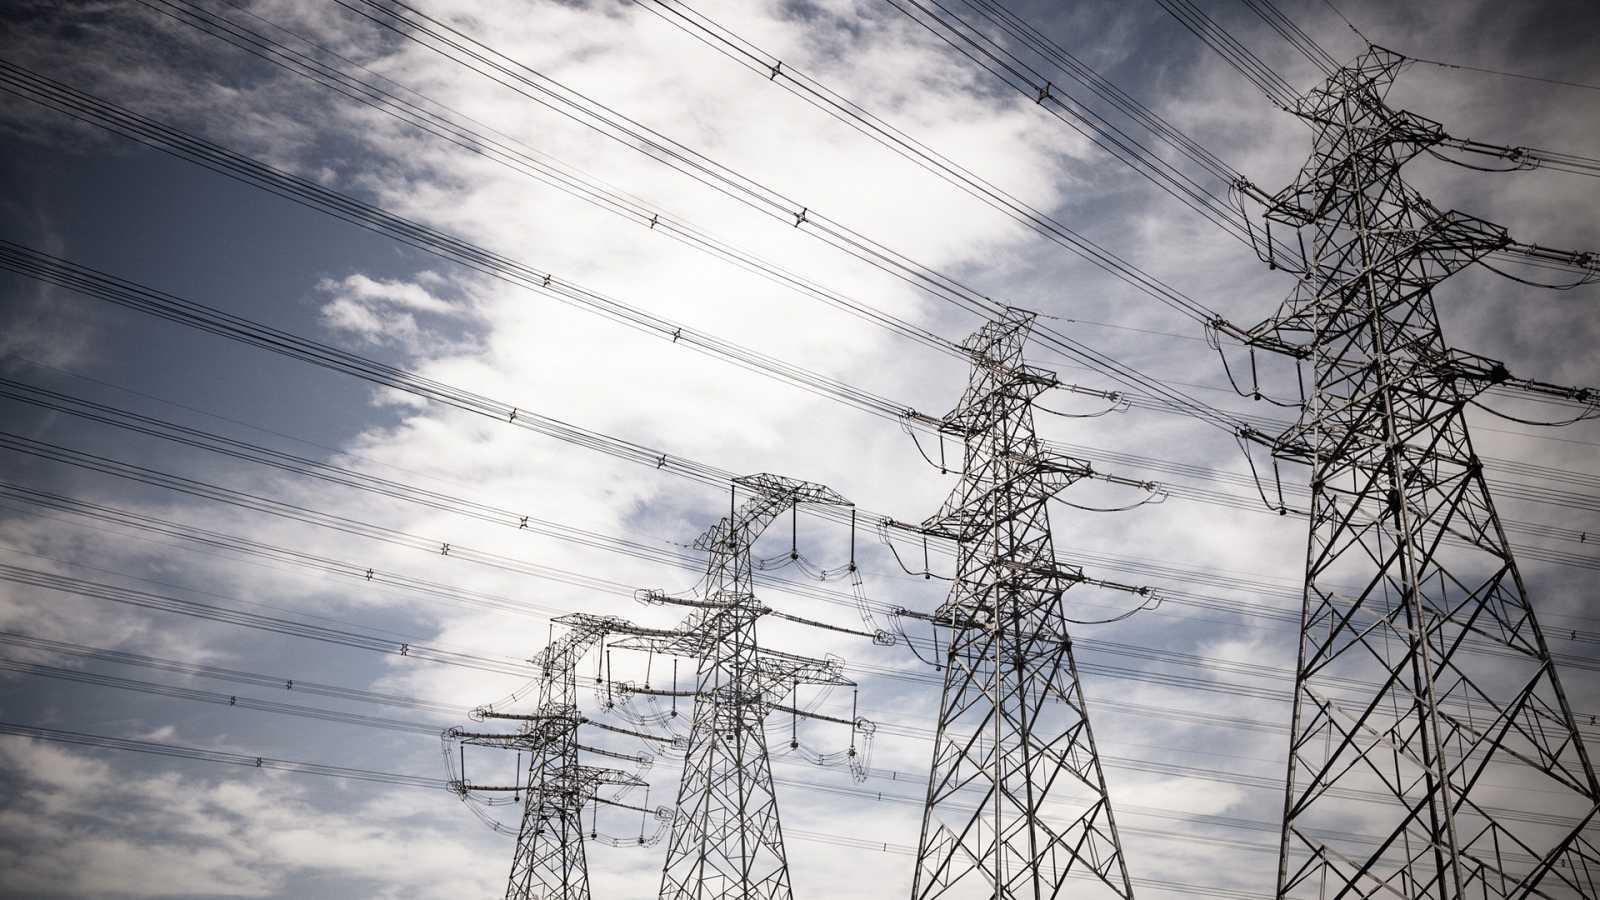 Europa abierta - Europa y los precios de la electricidad  - Escuchar ahora